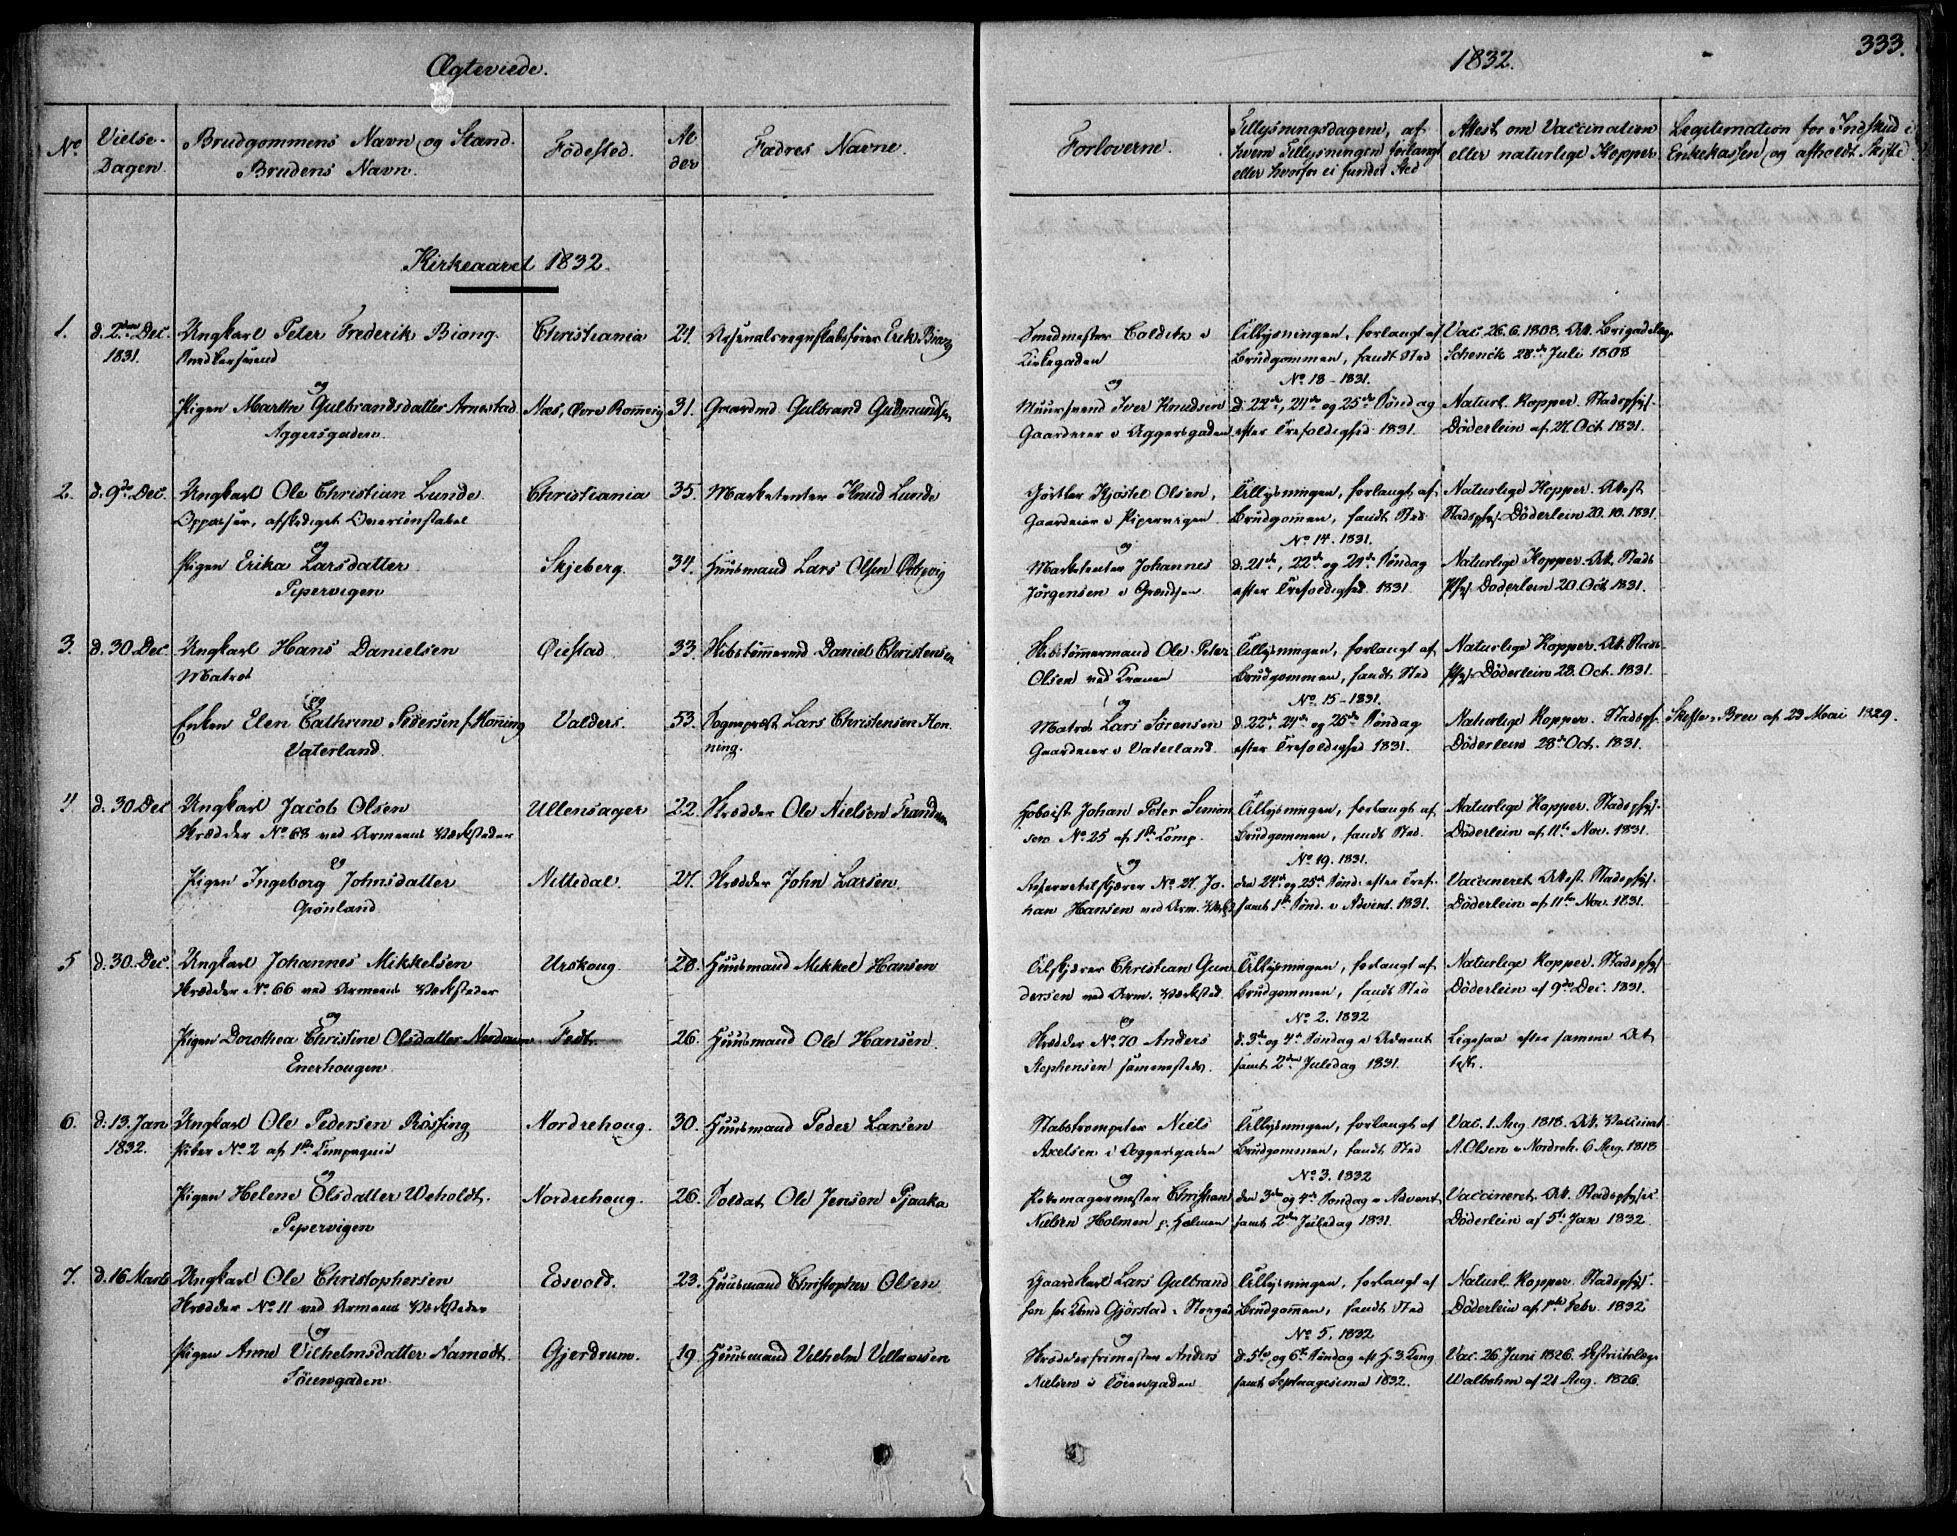 SAO, Garnisonsmenigheten Kirkebøker, F/Fa/L0006: Ministerialbok nr. 6, 1828-1841, s. 333